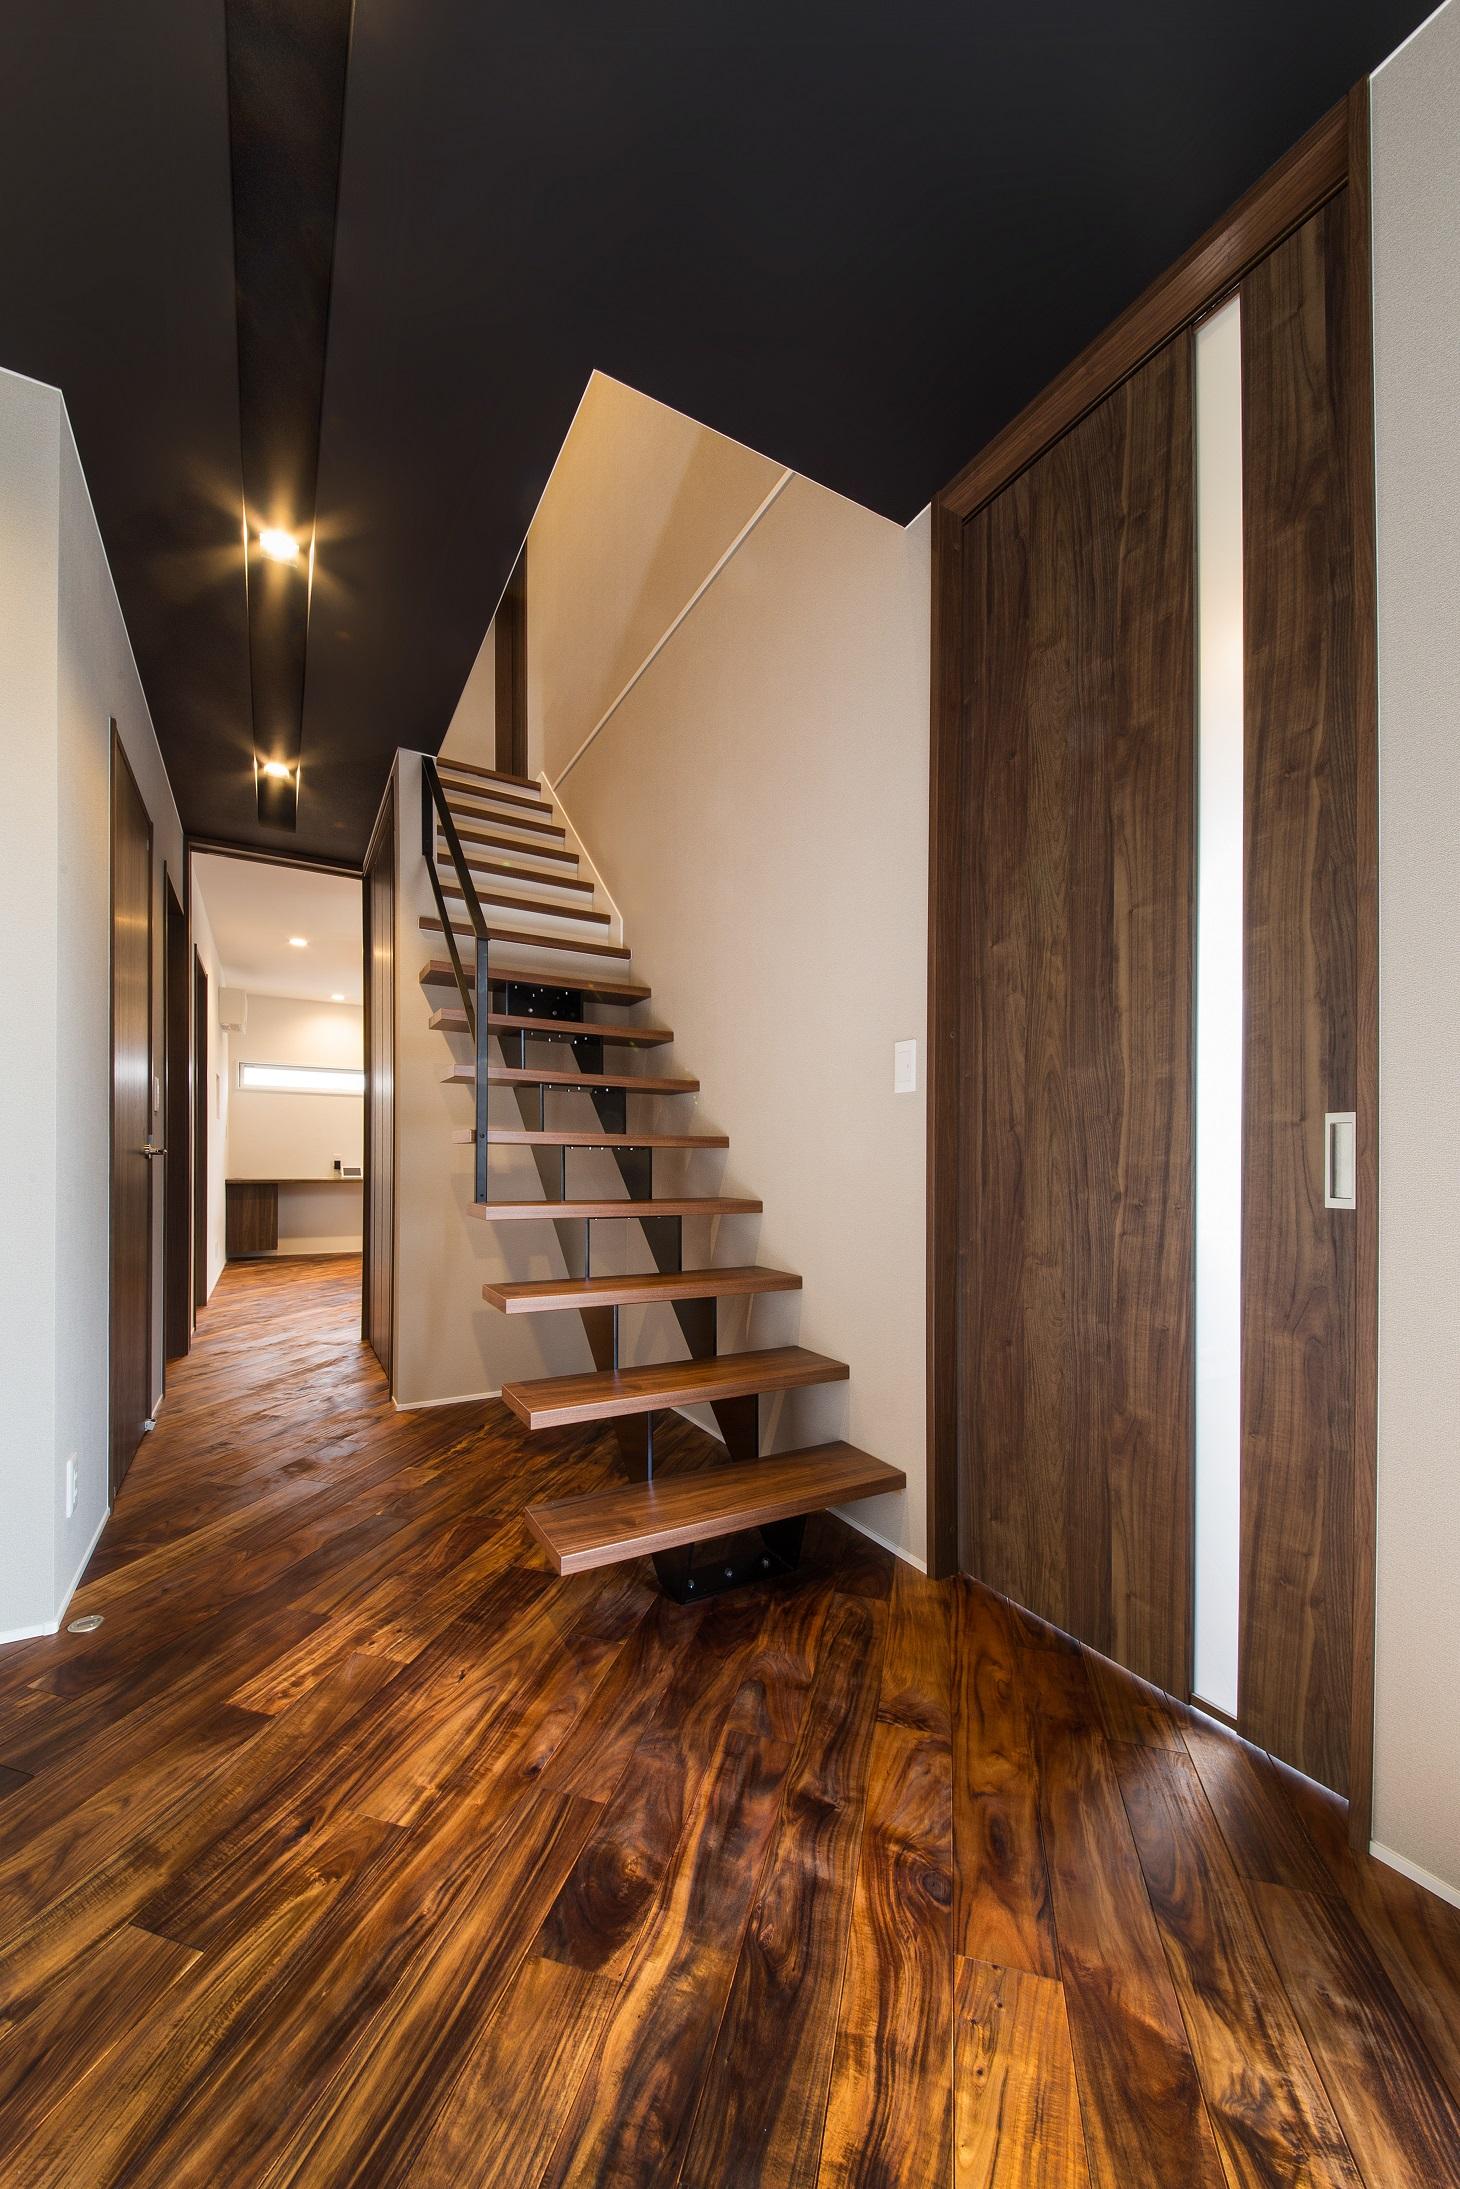 will建築工房【デザイン住宅、収納力、ガレージ】玄関ホールに設けたストリップ階段は存在感抜群